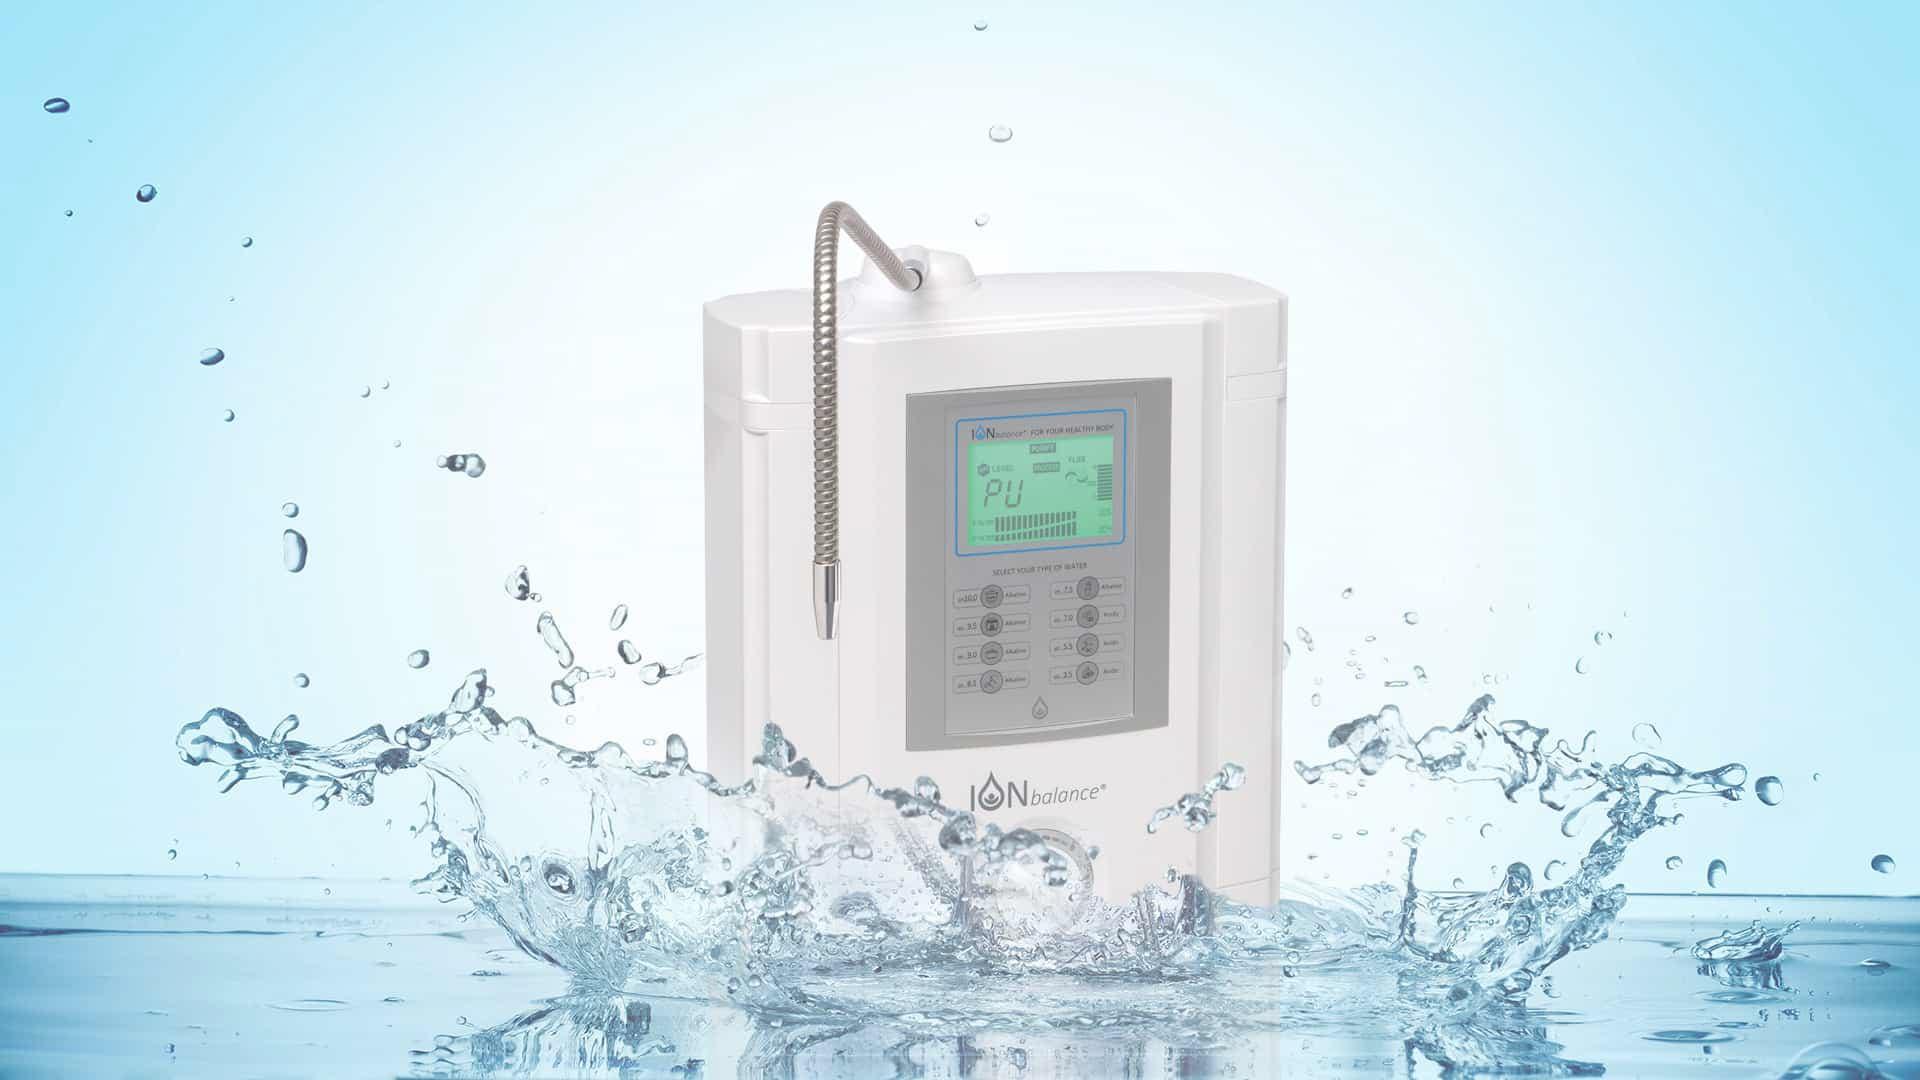 Wie kann ich basisches Wasser zu Hause herstellen?